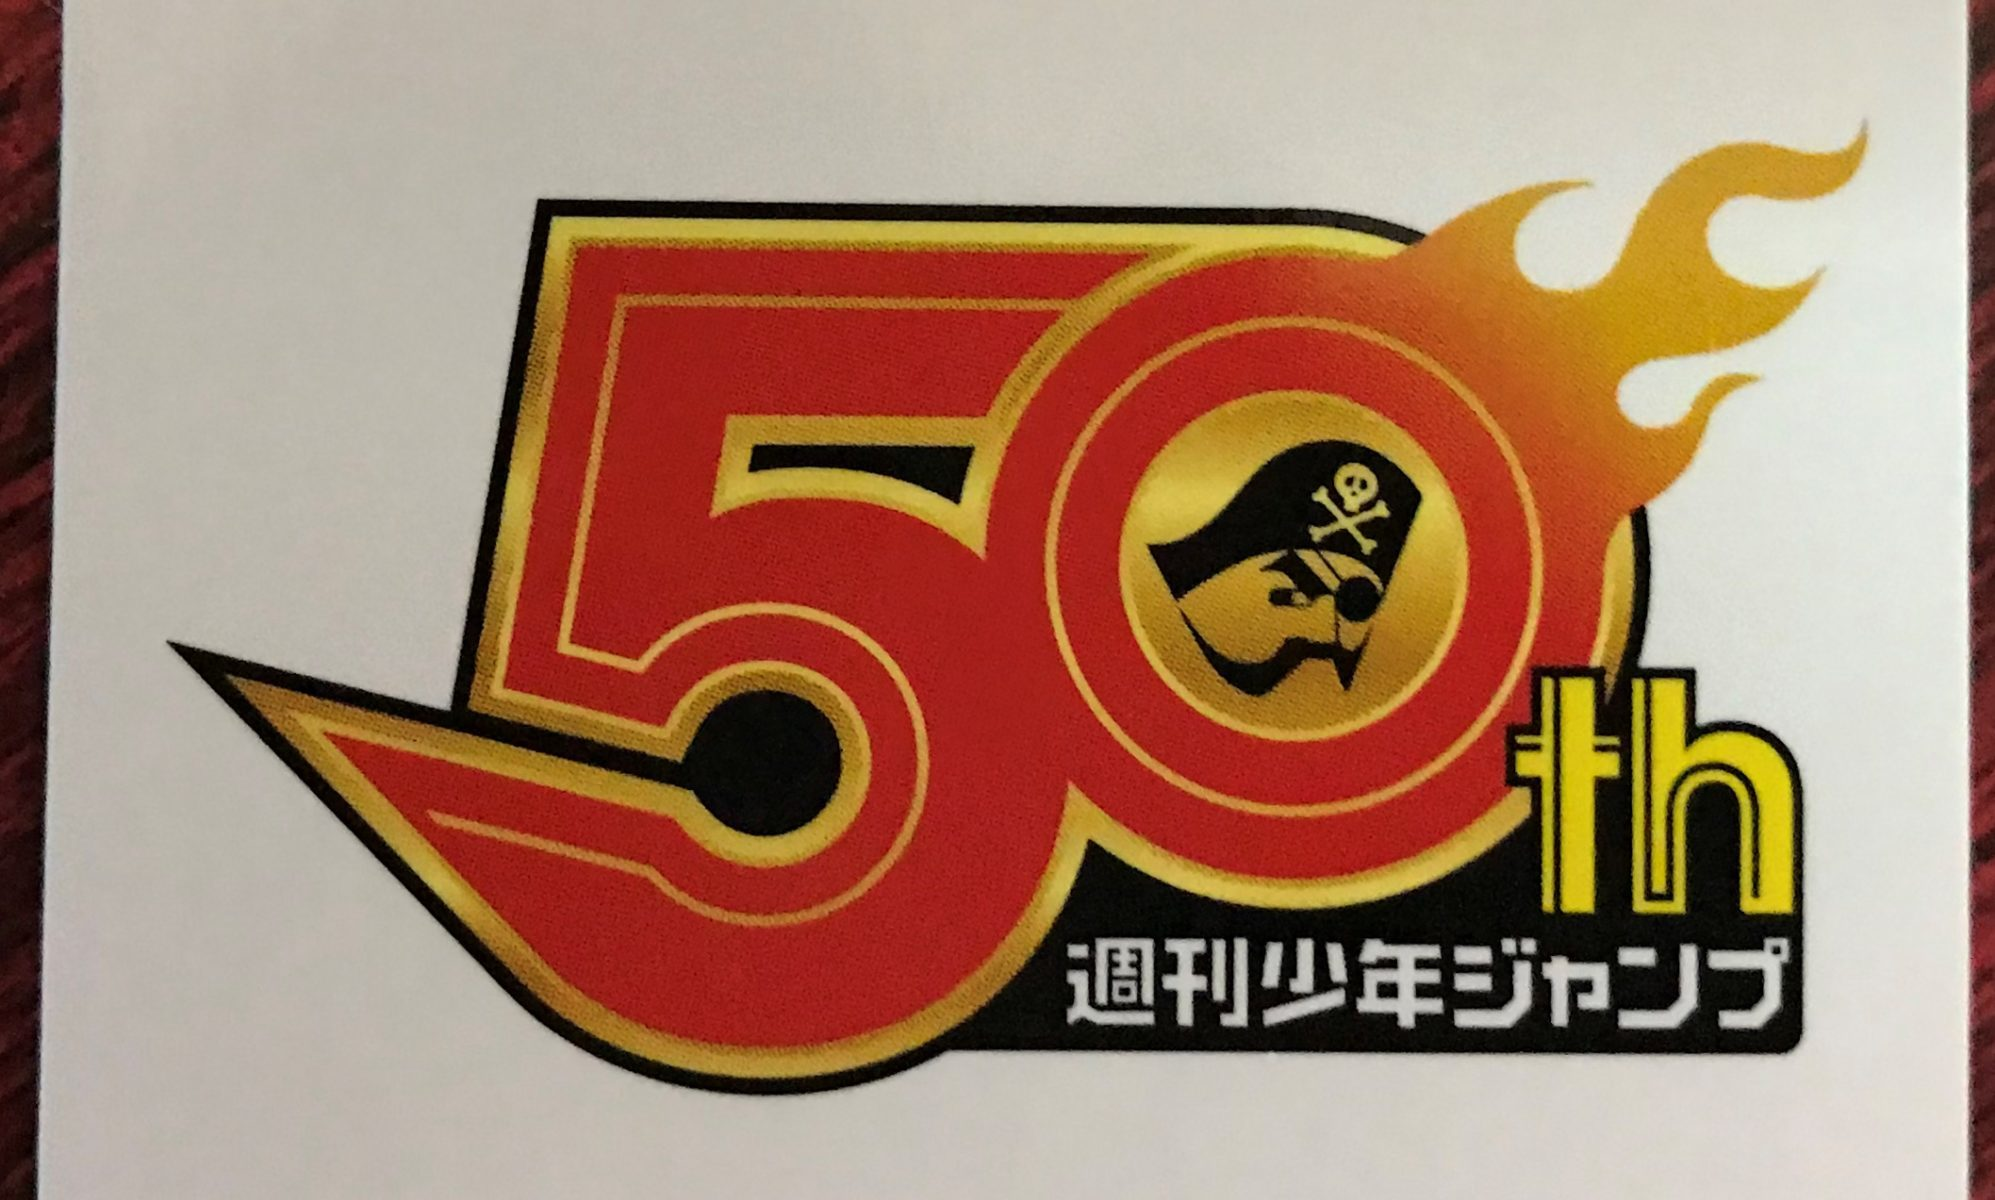 ジャンプ50周年記念ロゴ